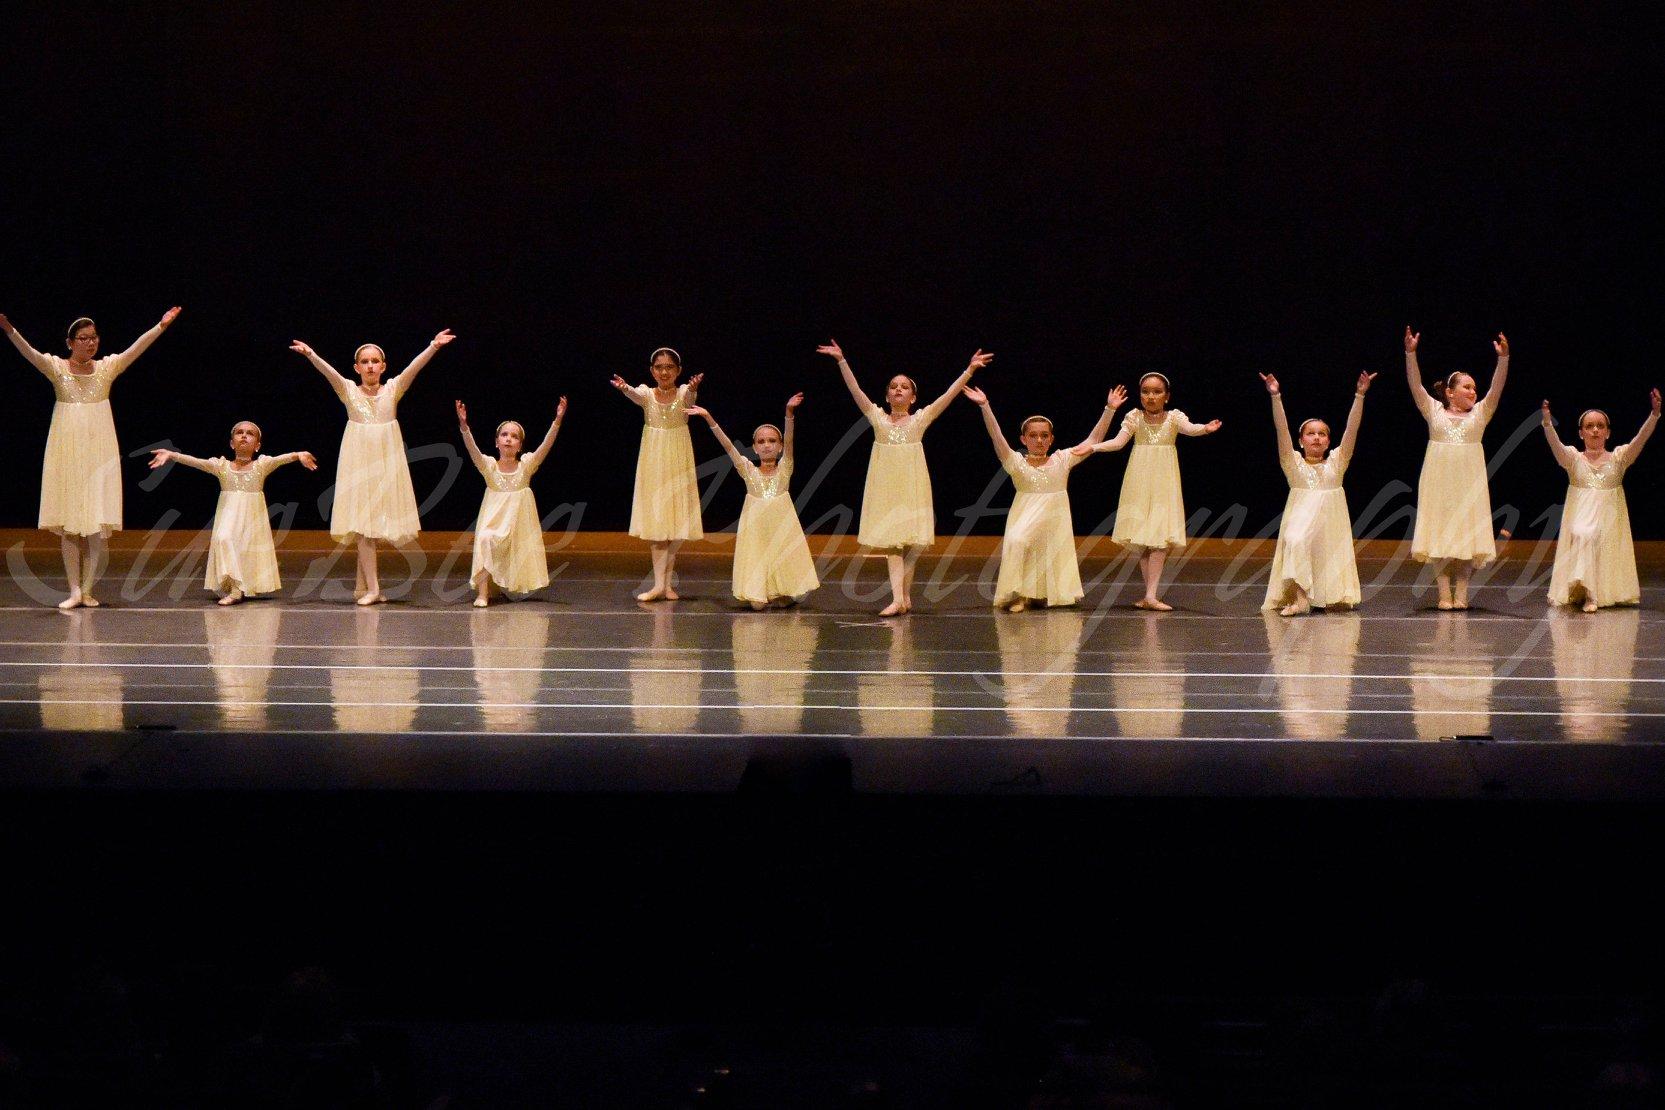 Virginia's Top Rated Local® Dance Schools & Studios Award Winner: Linda Watkins School of Dance